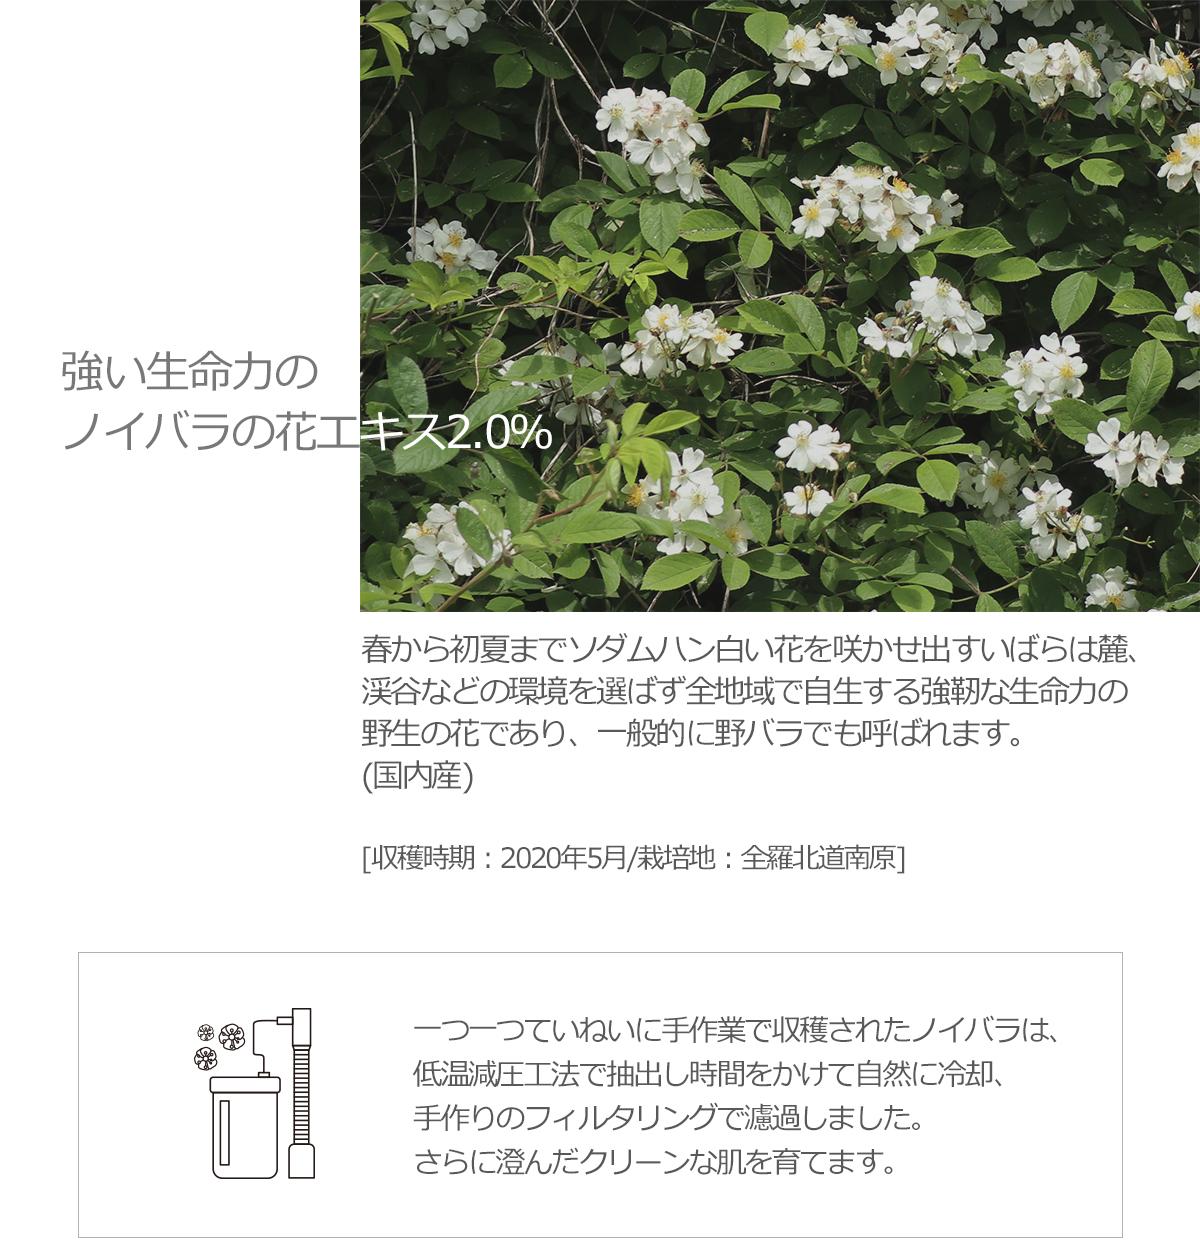 強い生命力のノイバラの花エキス2.0% 春から初夏までソダムハン白い花を咲かせ出すいばらは麓、渓谷などの環境を選ばず全地域で自生する強靭な生命力の野生の花であり、一般的に野バラでも呼ばれます。(国内産) [収穫時期:2020年5月/プランテーション:全北南原市サンネミョン] 一つ一つていねいに手作業で収穫されたノイバラは、低温減圧工法で抽出し時間をかけて自然に冷却、手作りのフィルタリングで濾過しました。さらに澄んだクリーンな肌を育てます。